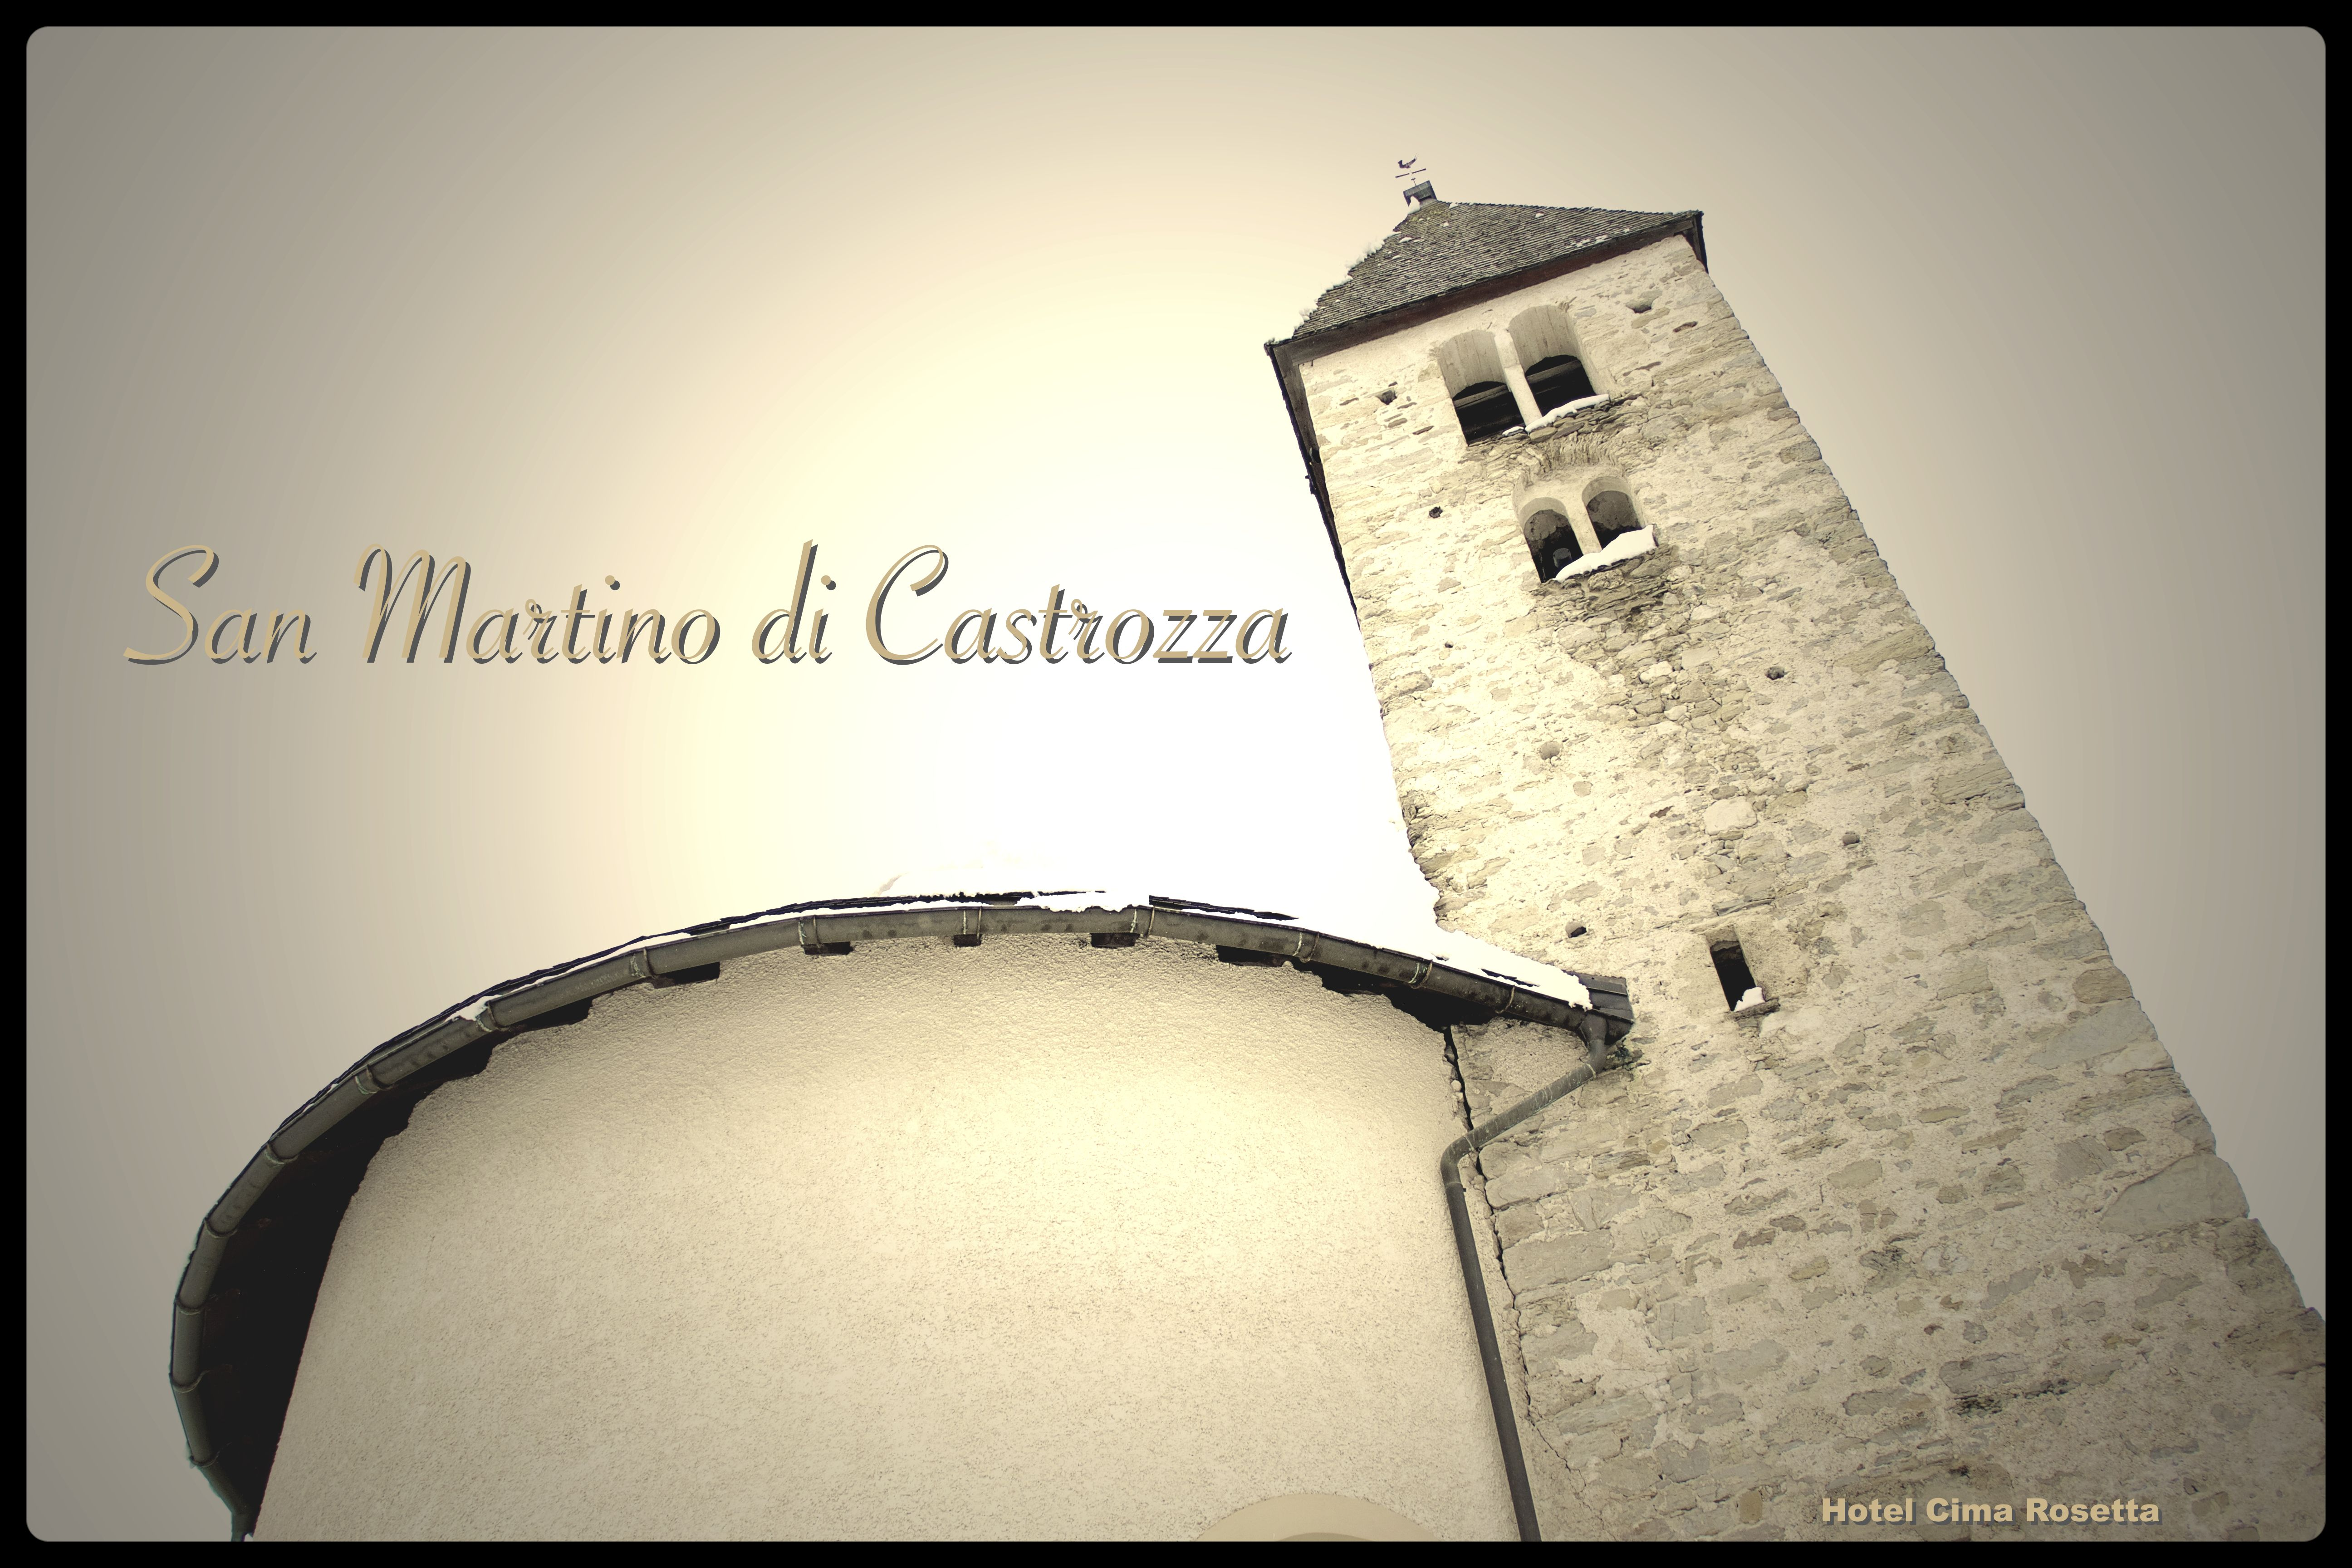 Il Campanile San Martino di Castrozza Paesaggi, Hotel